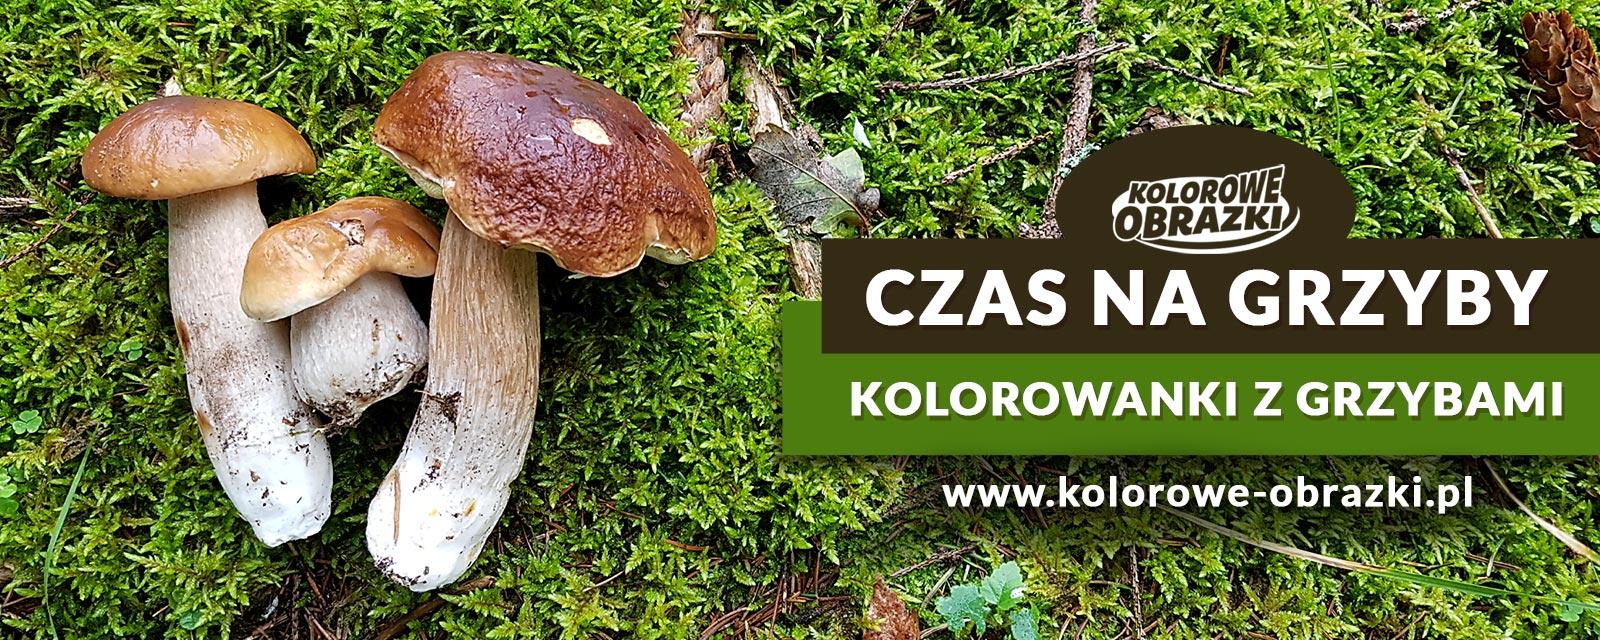 Kolorowanki grzyby - Kolorowanki z grzybami dla dzieci